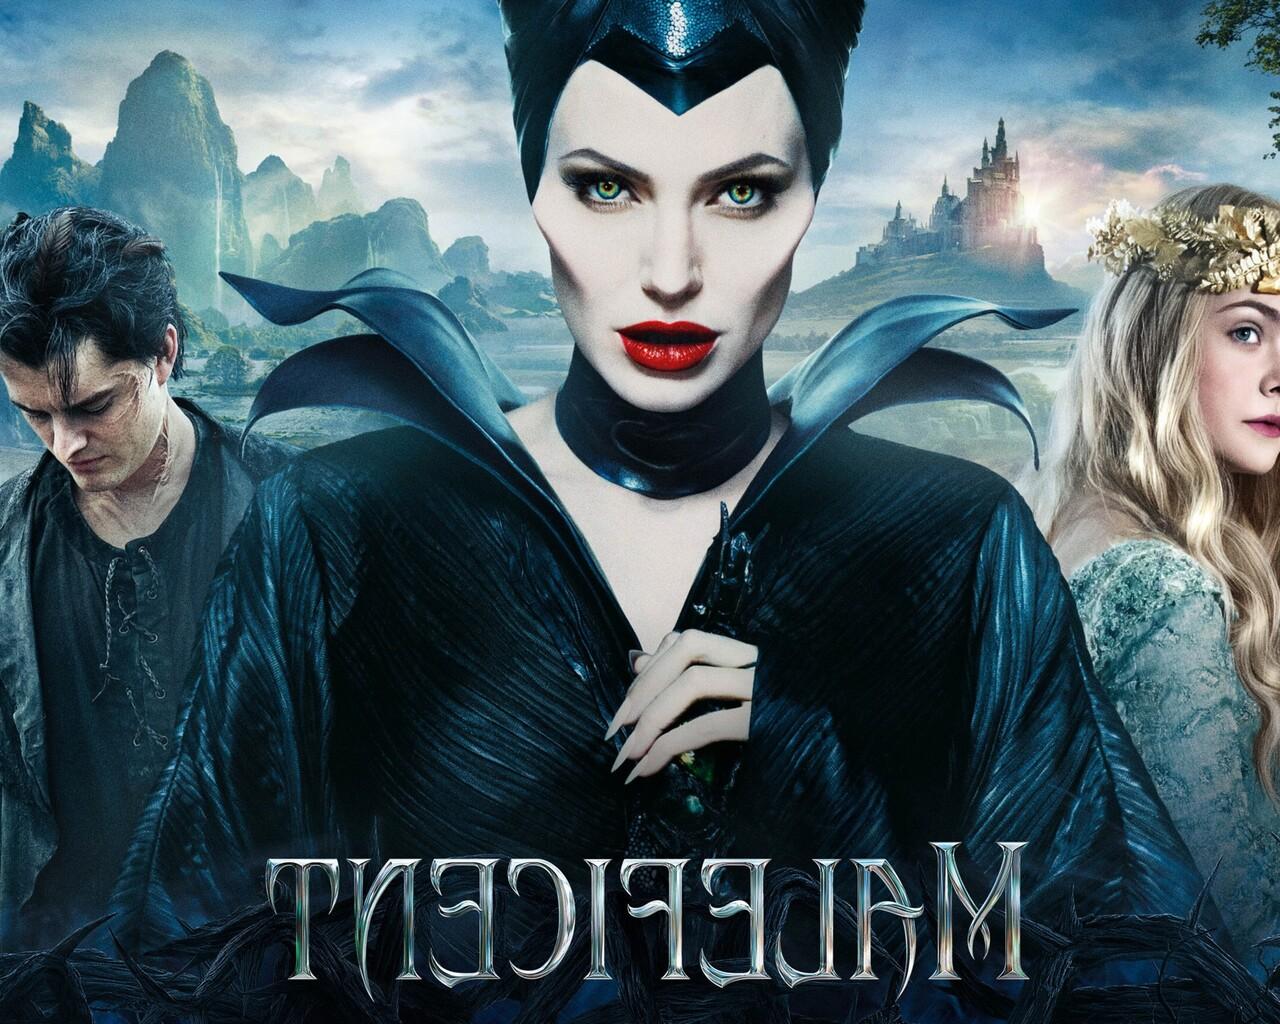 1280x1024 Maleficent Movie Hd 1280x1024 Resolution Hd 4k